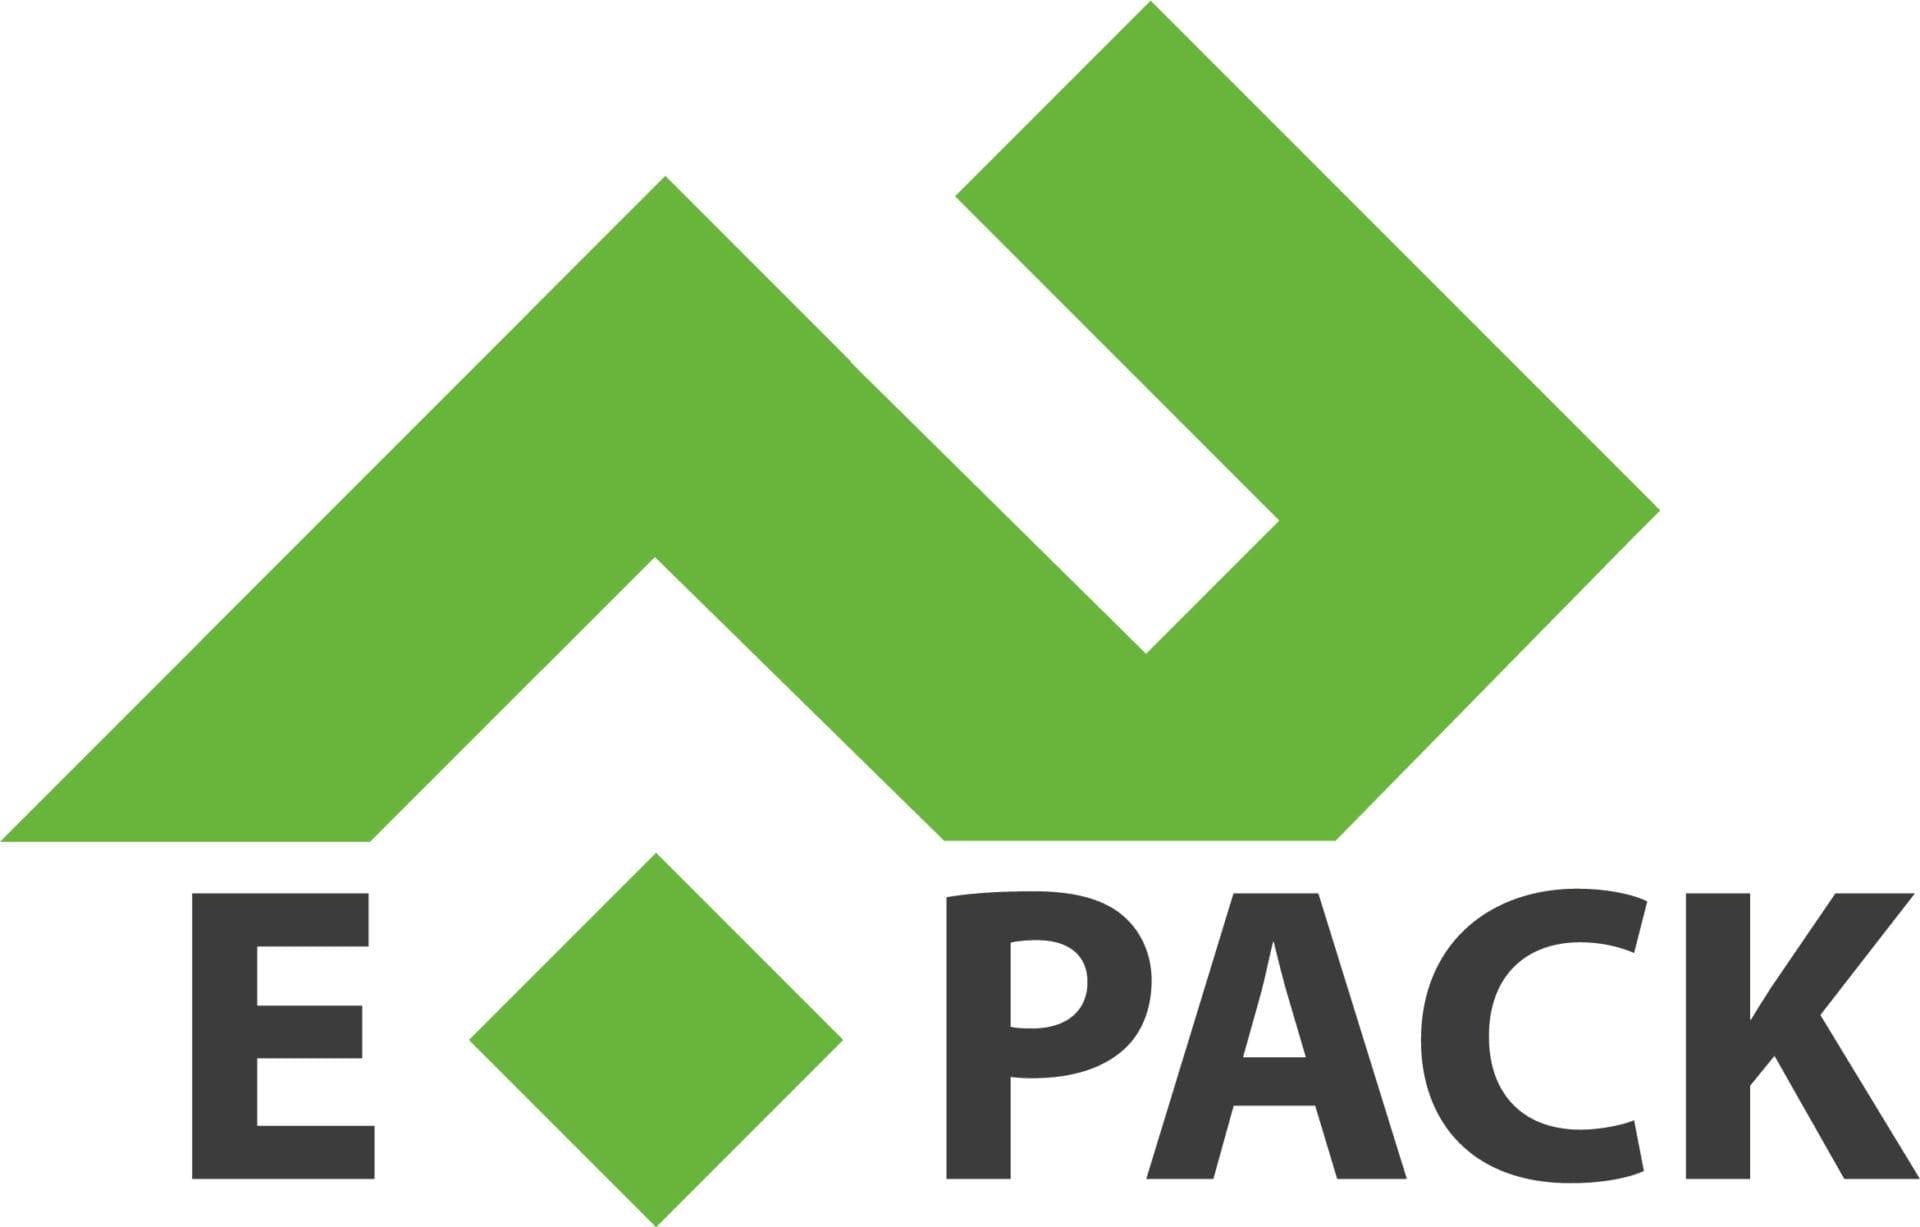 E.Pack nowa firma zrzeszona w ramach e-Izby